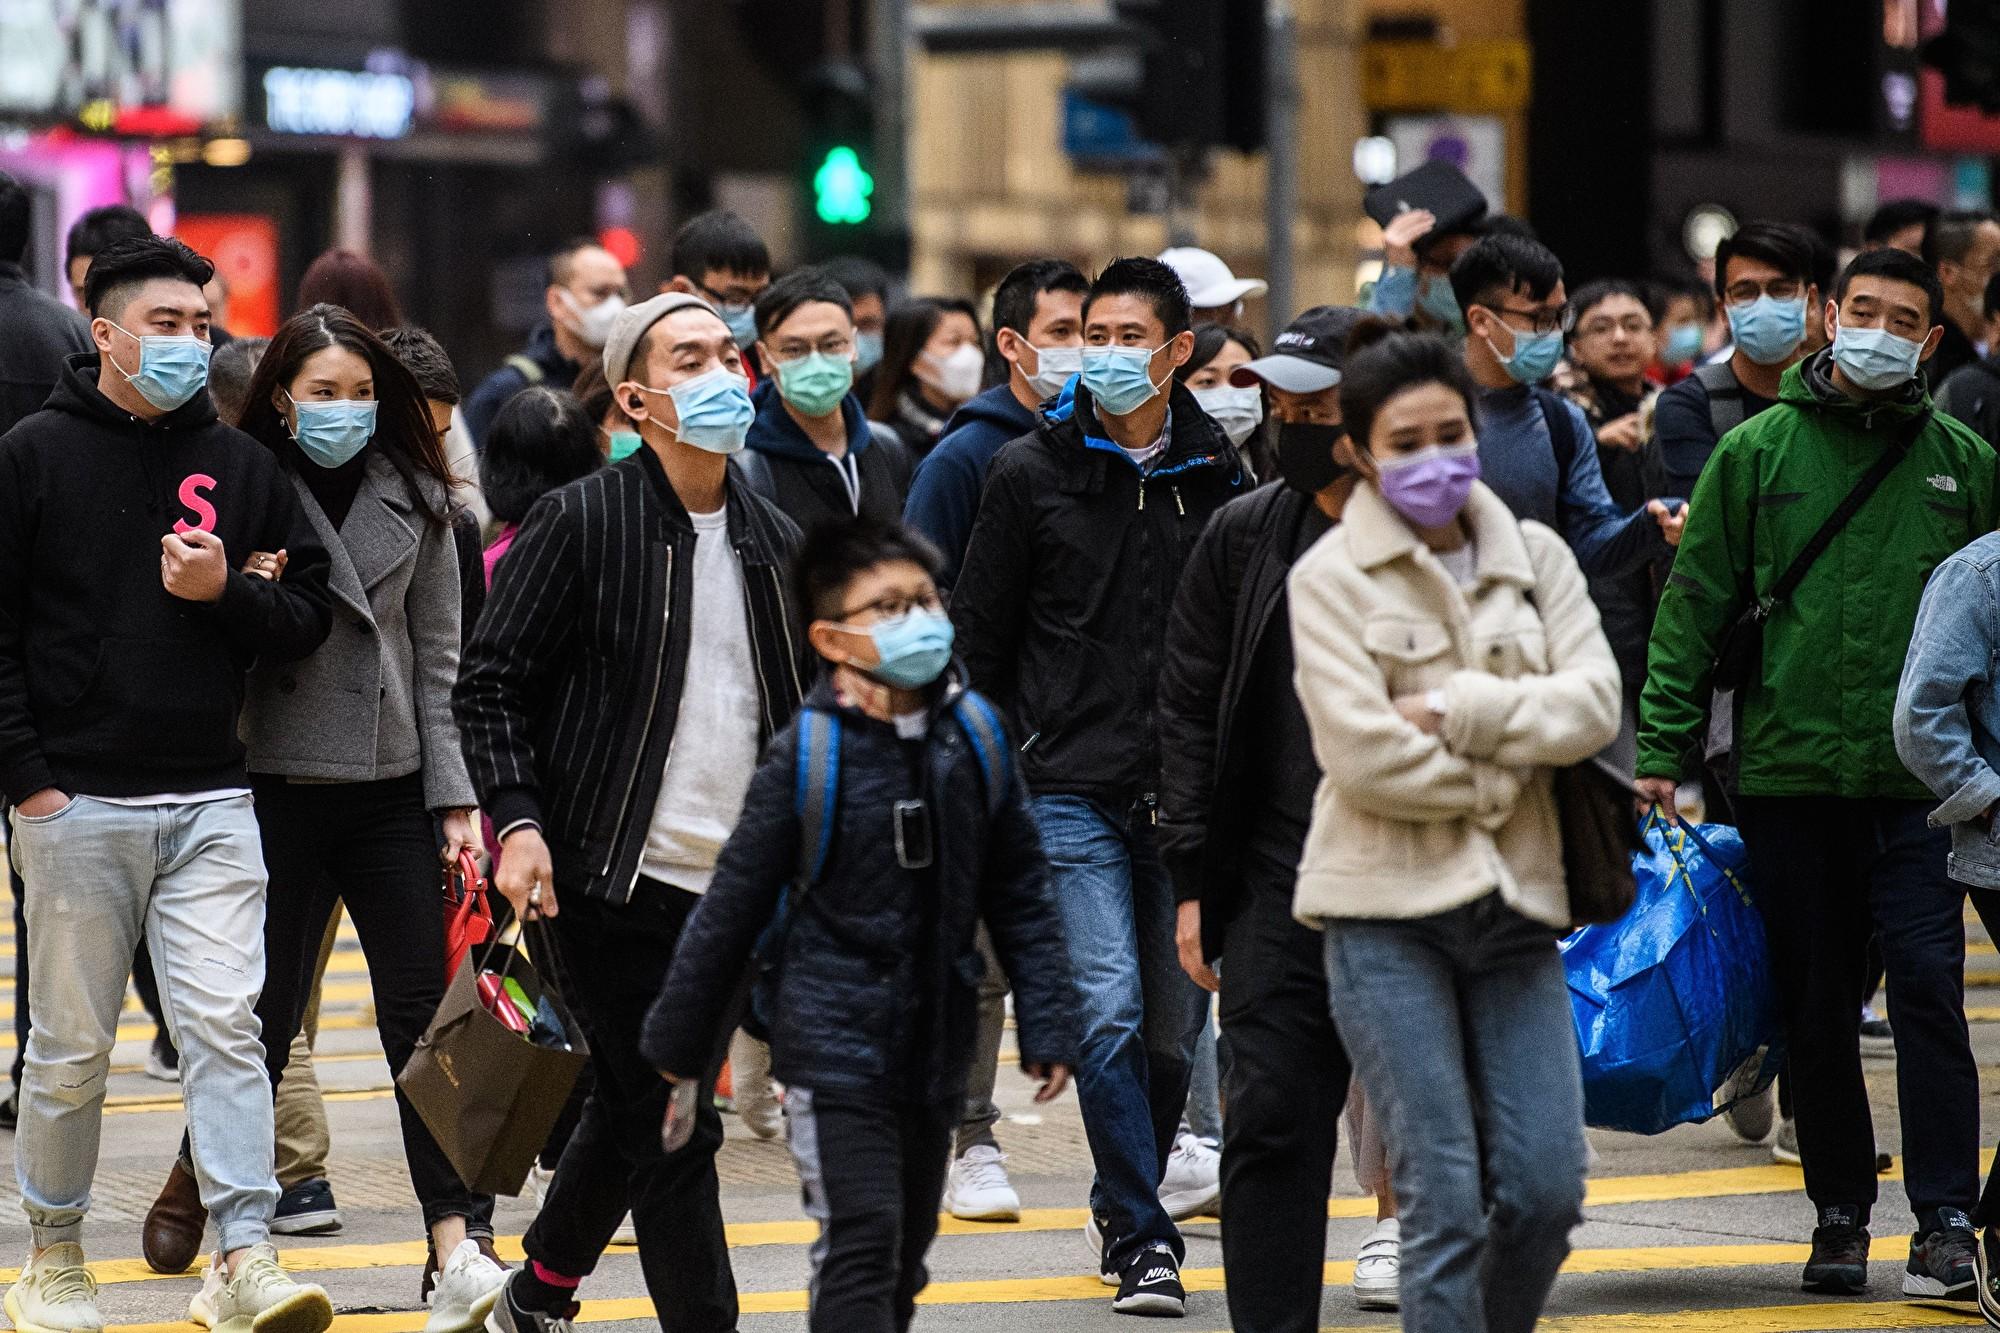 香港記協主席:中共病毒就是「官狀病毒」